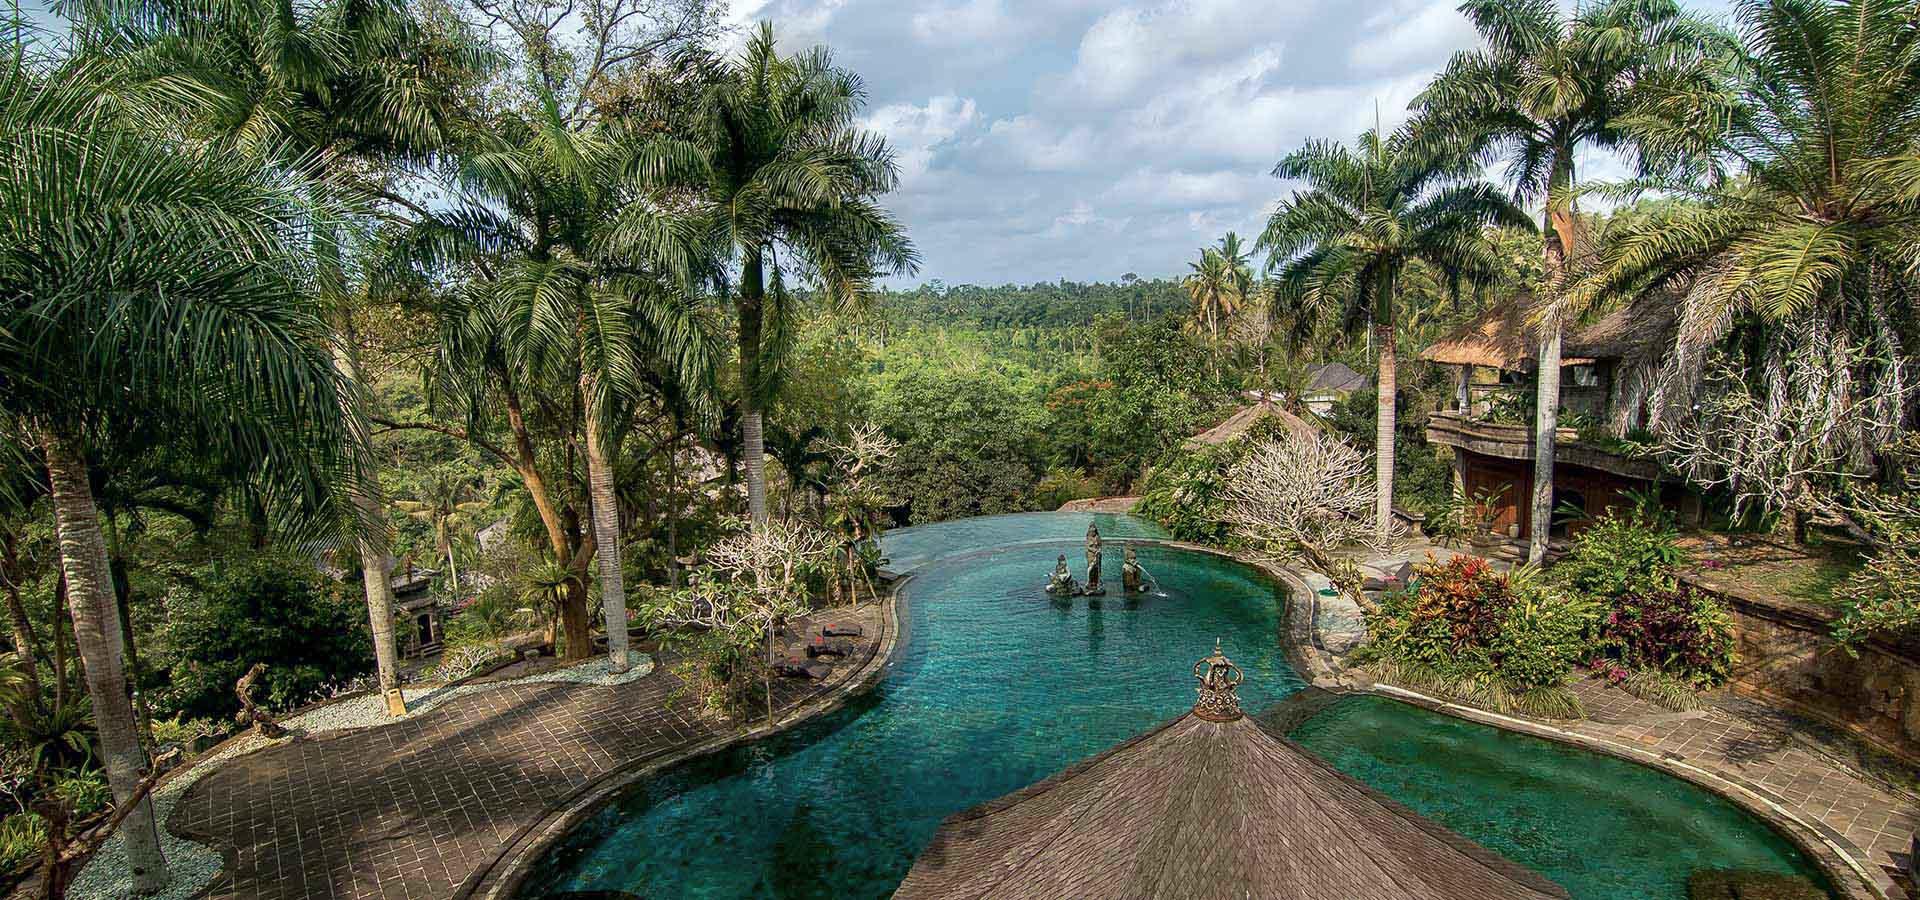 The payogan villa resort spa official website for Bali resort villa